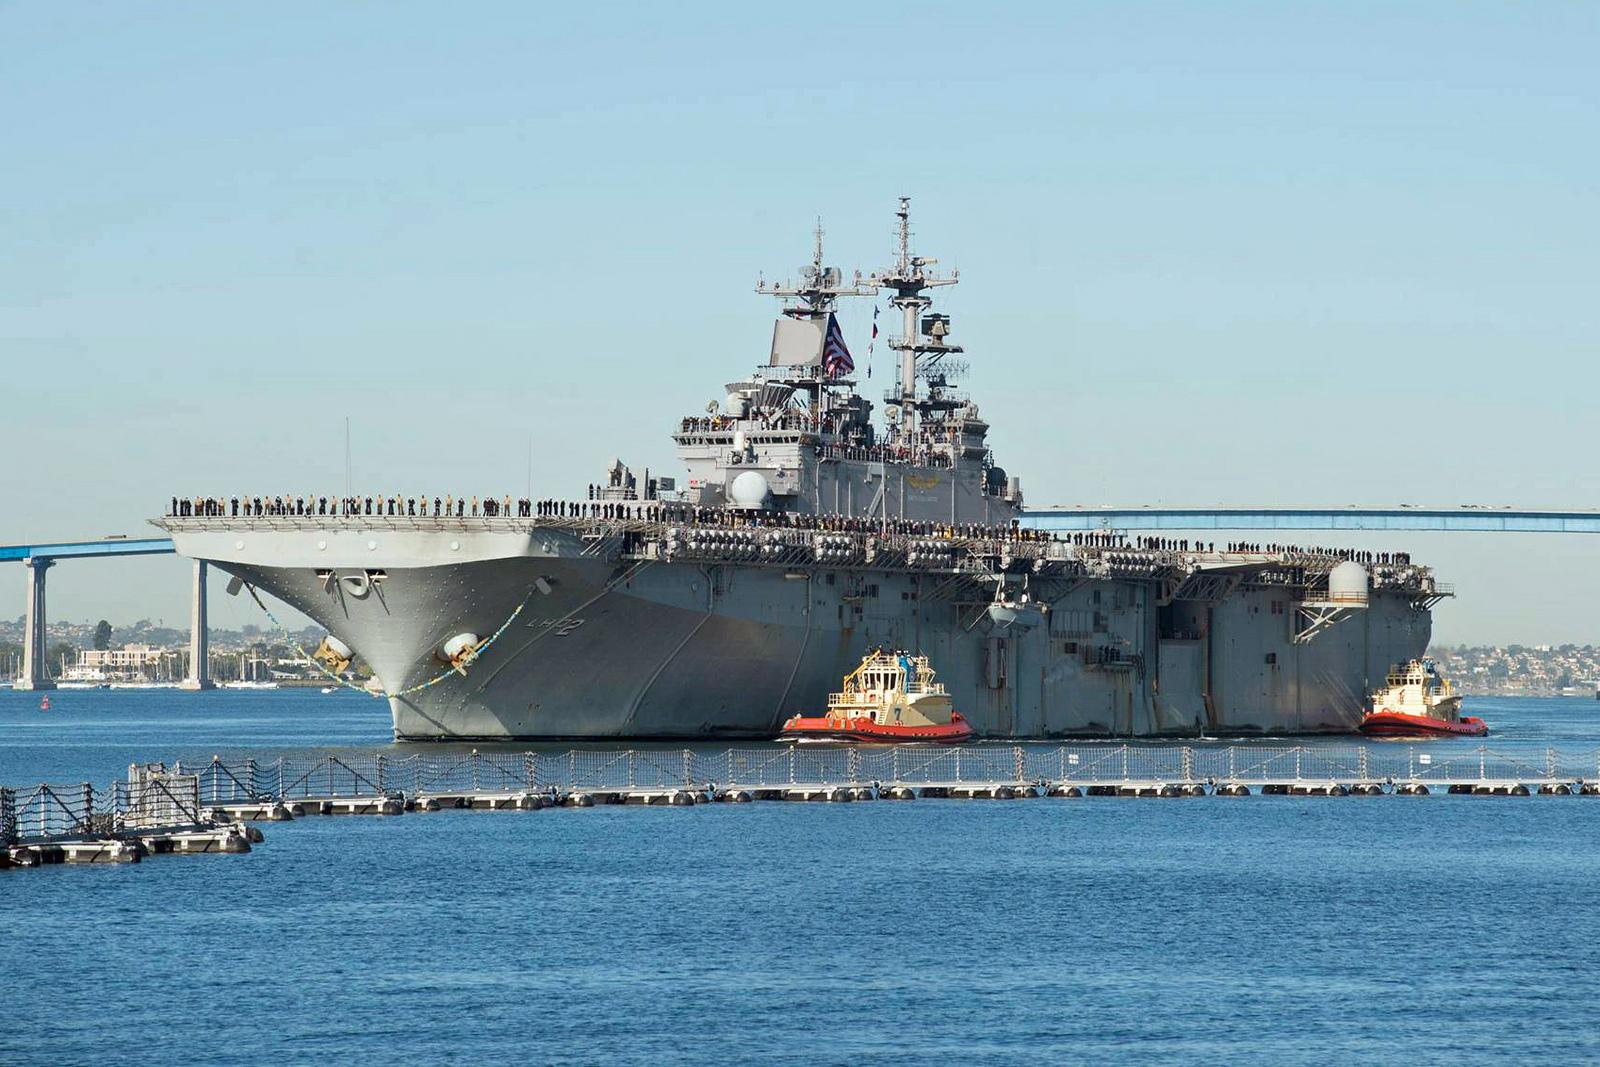 USS ESSEX LHD-2 Einlaufen San Diego am 15.12.2015 Bild: U.S. Navy